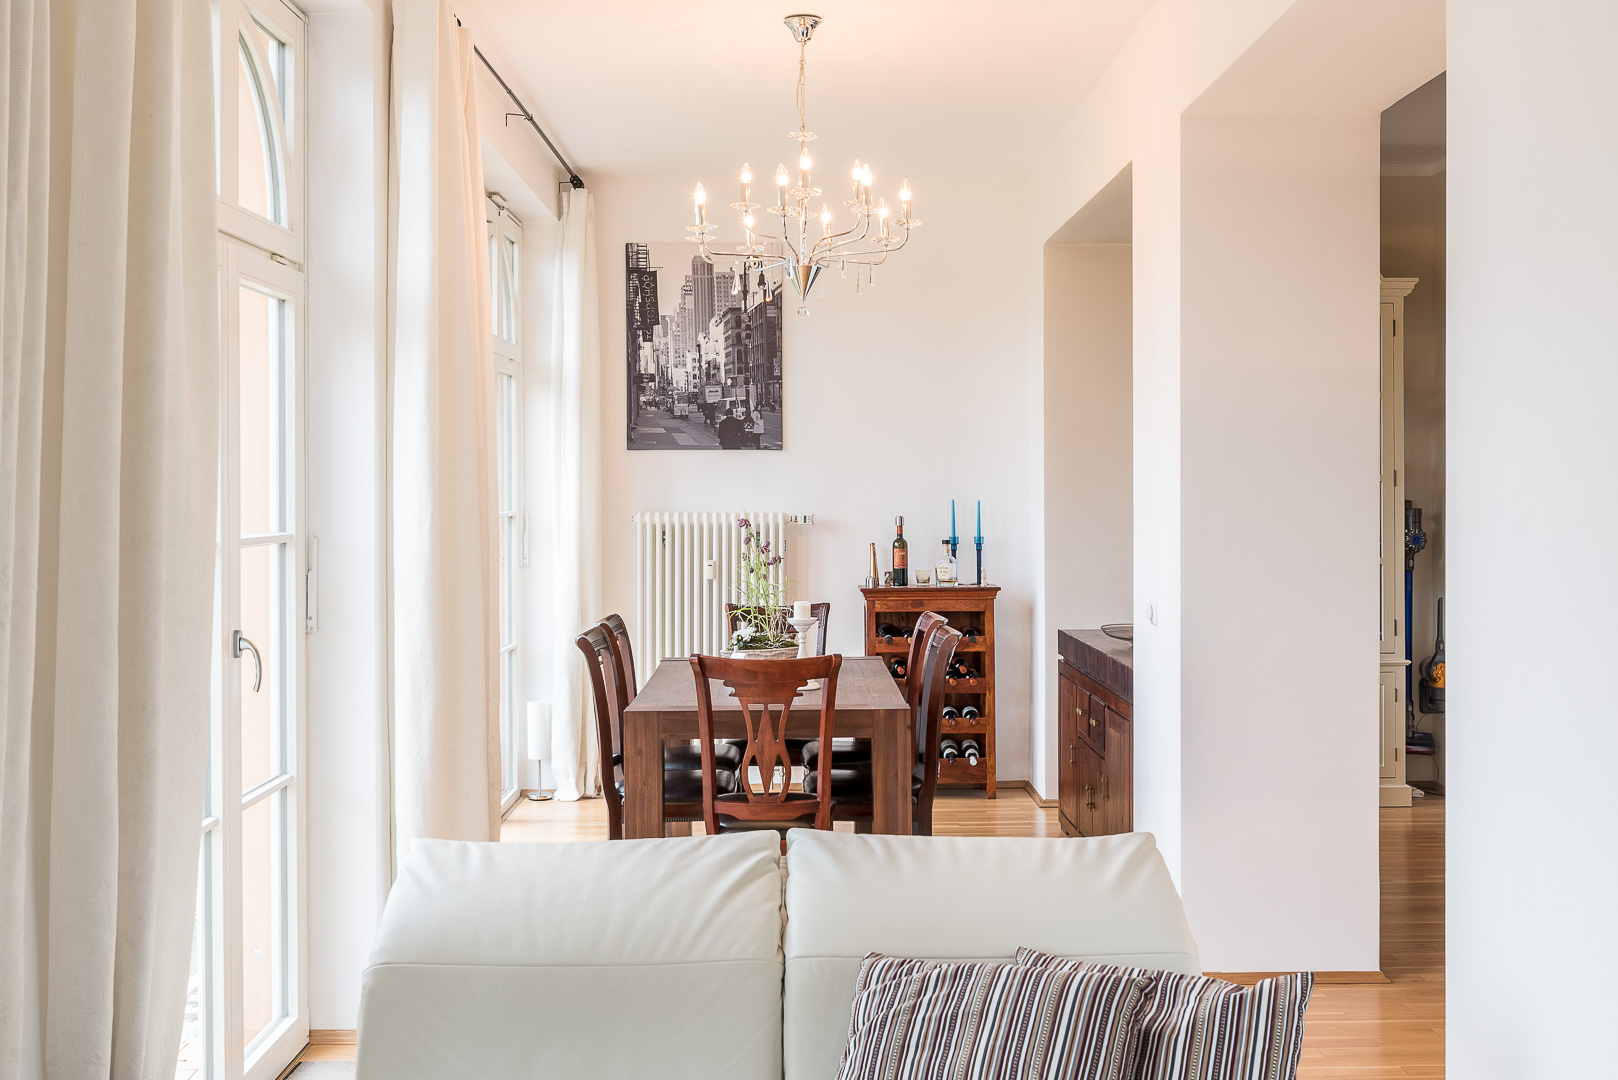 Wohnzimmer, Essbereich, Küche